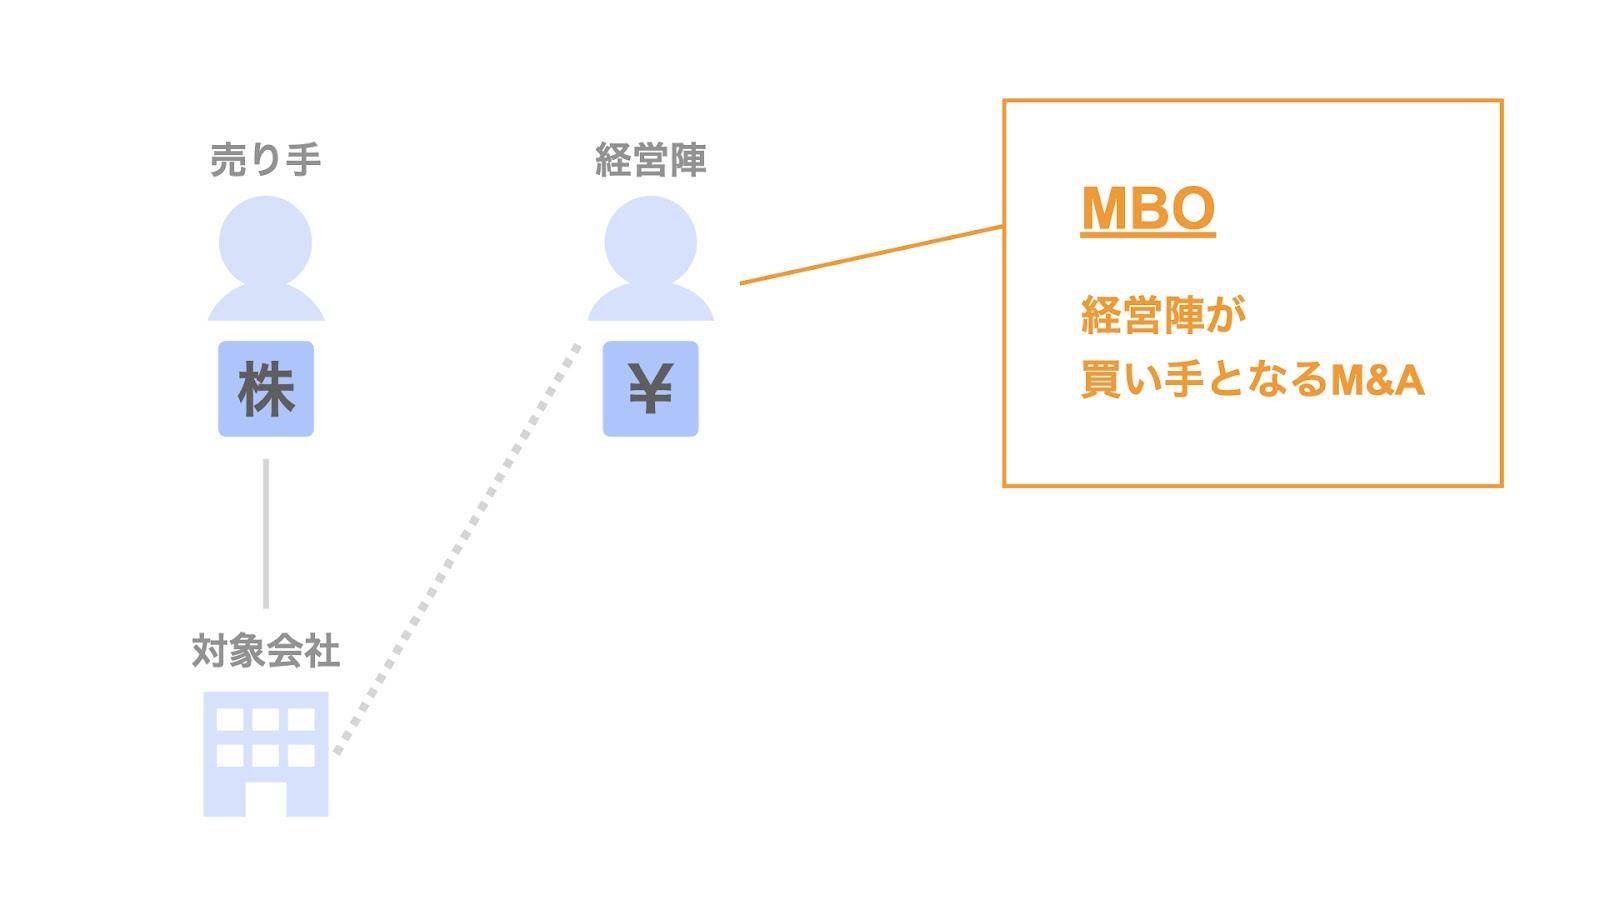 MBO(マネジメントバイアウト)とは